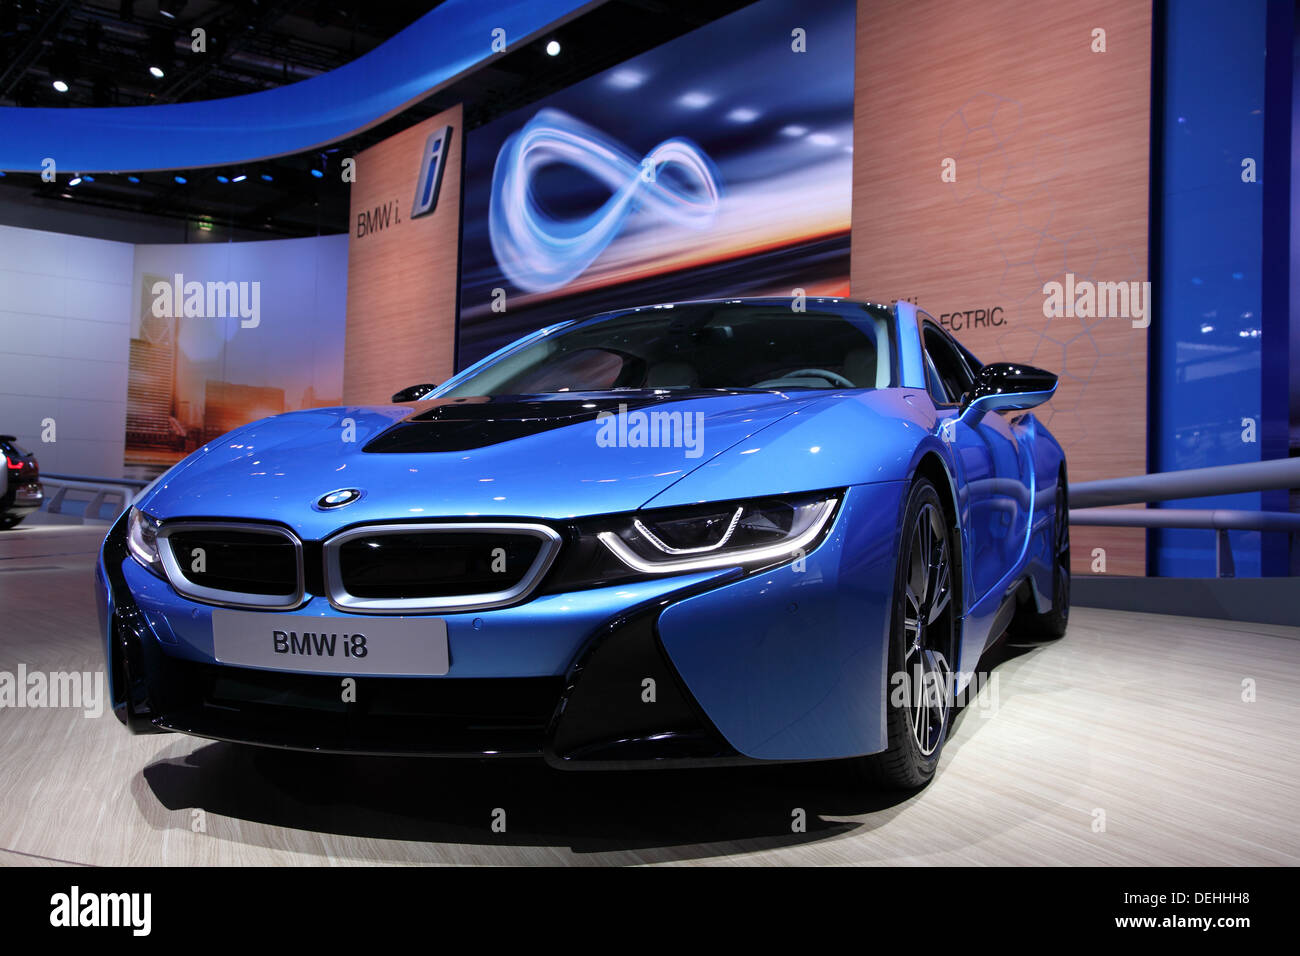 International Motor Show di Francoforte, Germania. Nuova Bmw i8 auto elettriche al sessantacinquesimo IAA di Francoforte, in Germania il 17 settembre 2 Immagini Stock